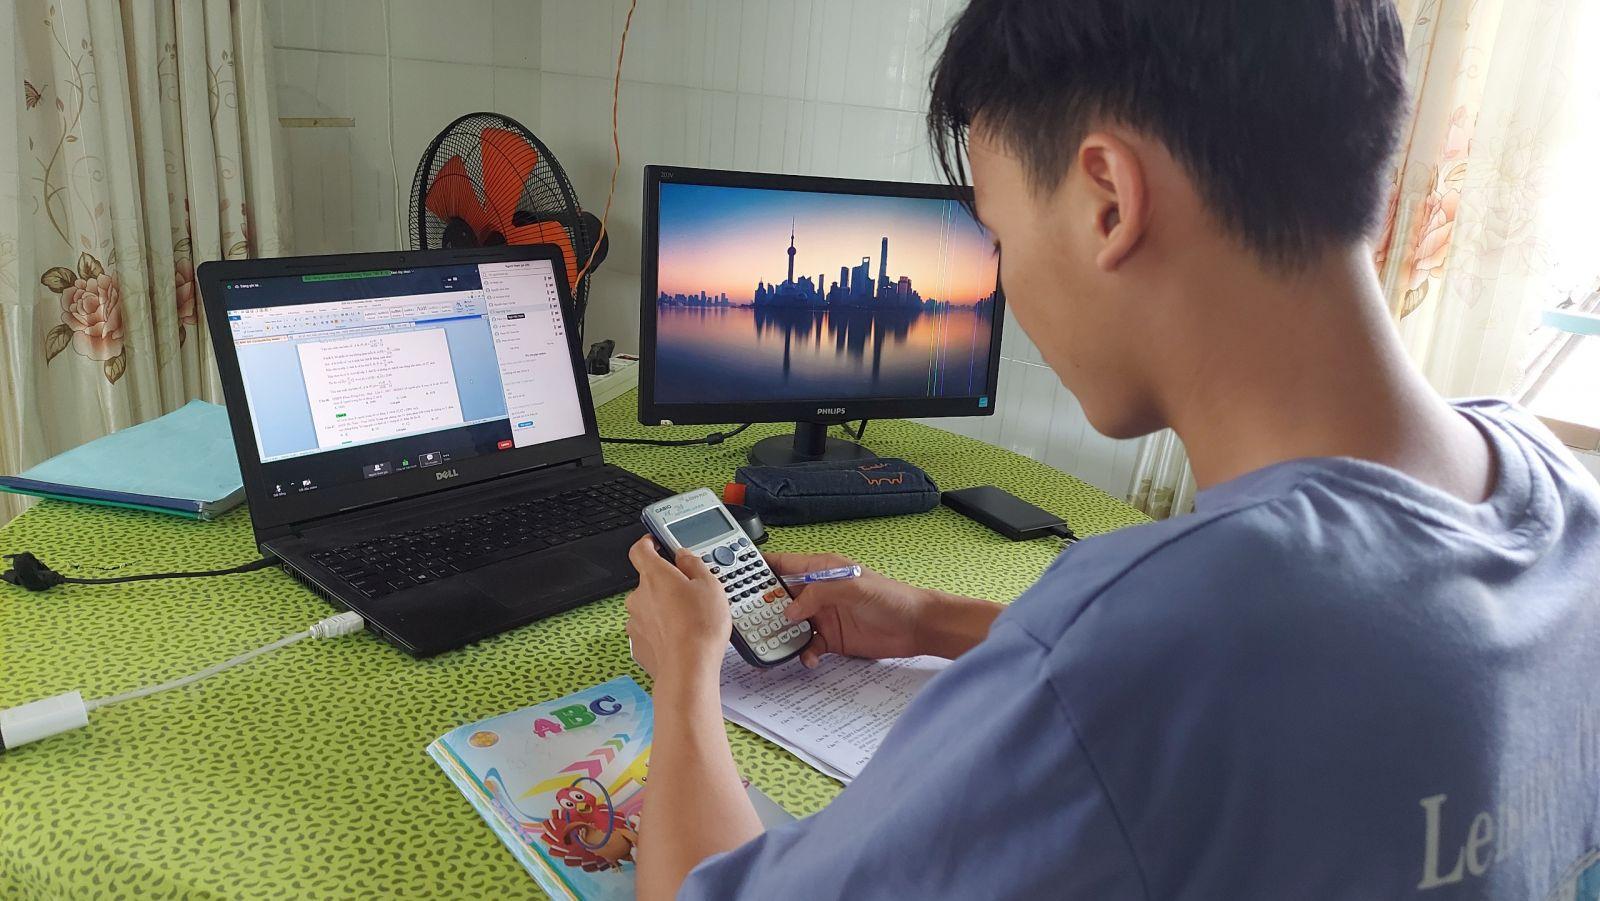 Mặc dù nghỉ học để phòng, chống dịch nhưng nhiều học sinh vẫn duy trì thói quen tự học và tham gia học trực tuyến tại nhà